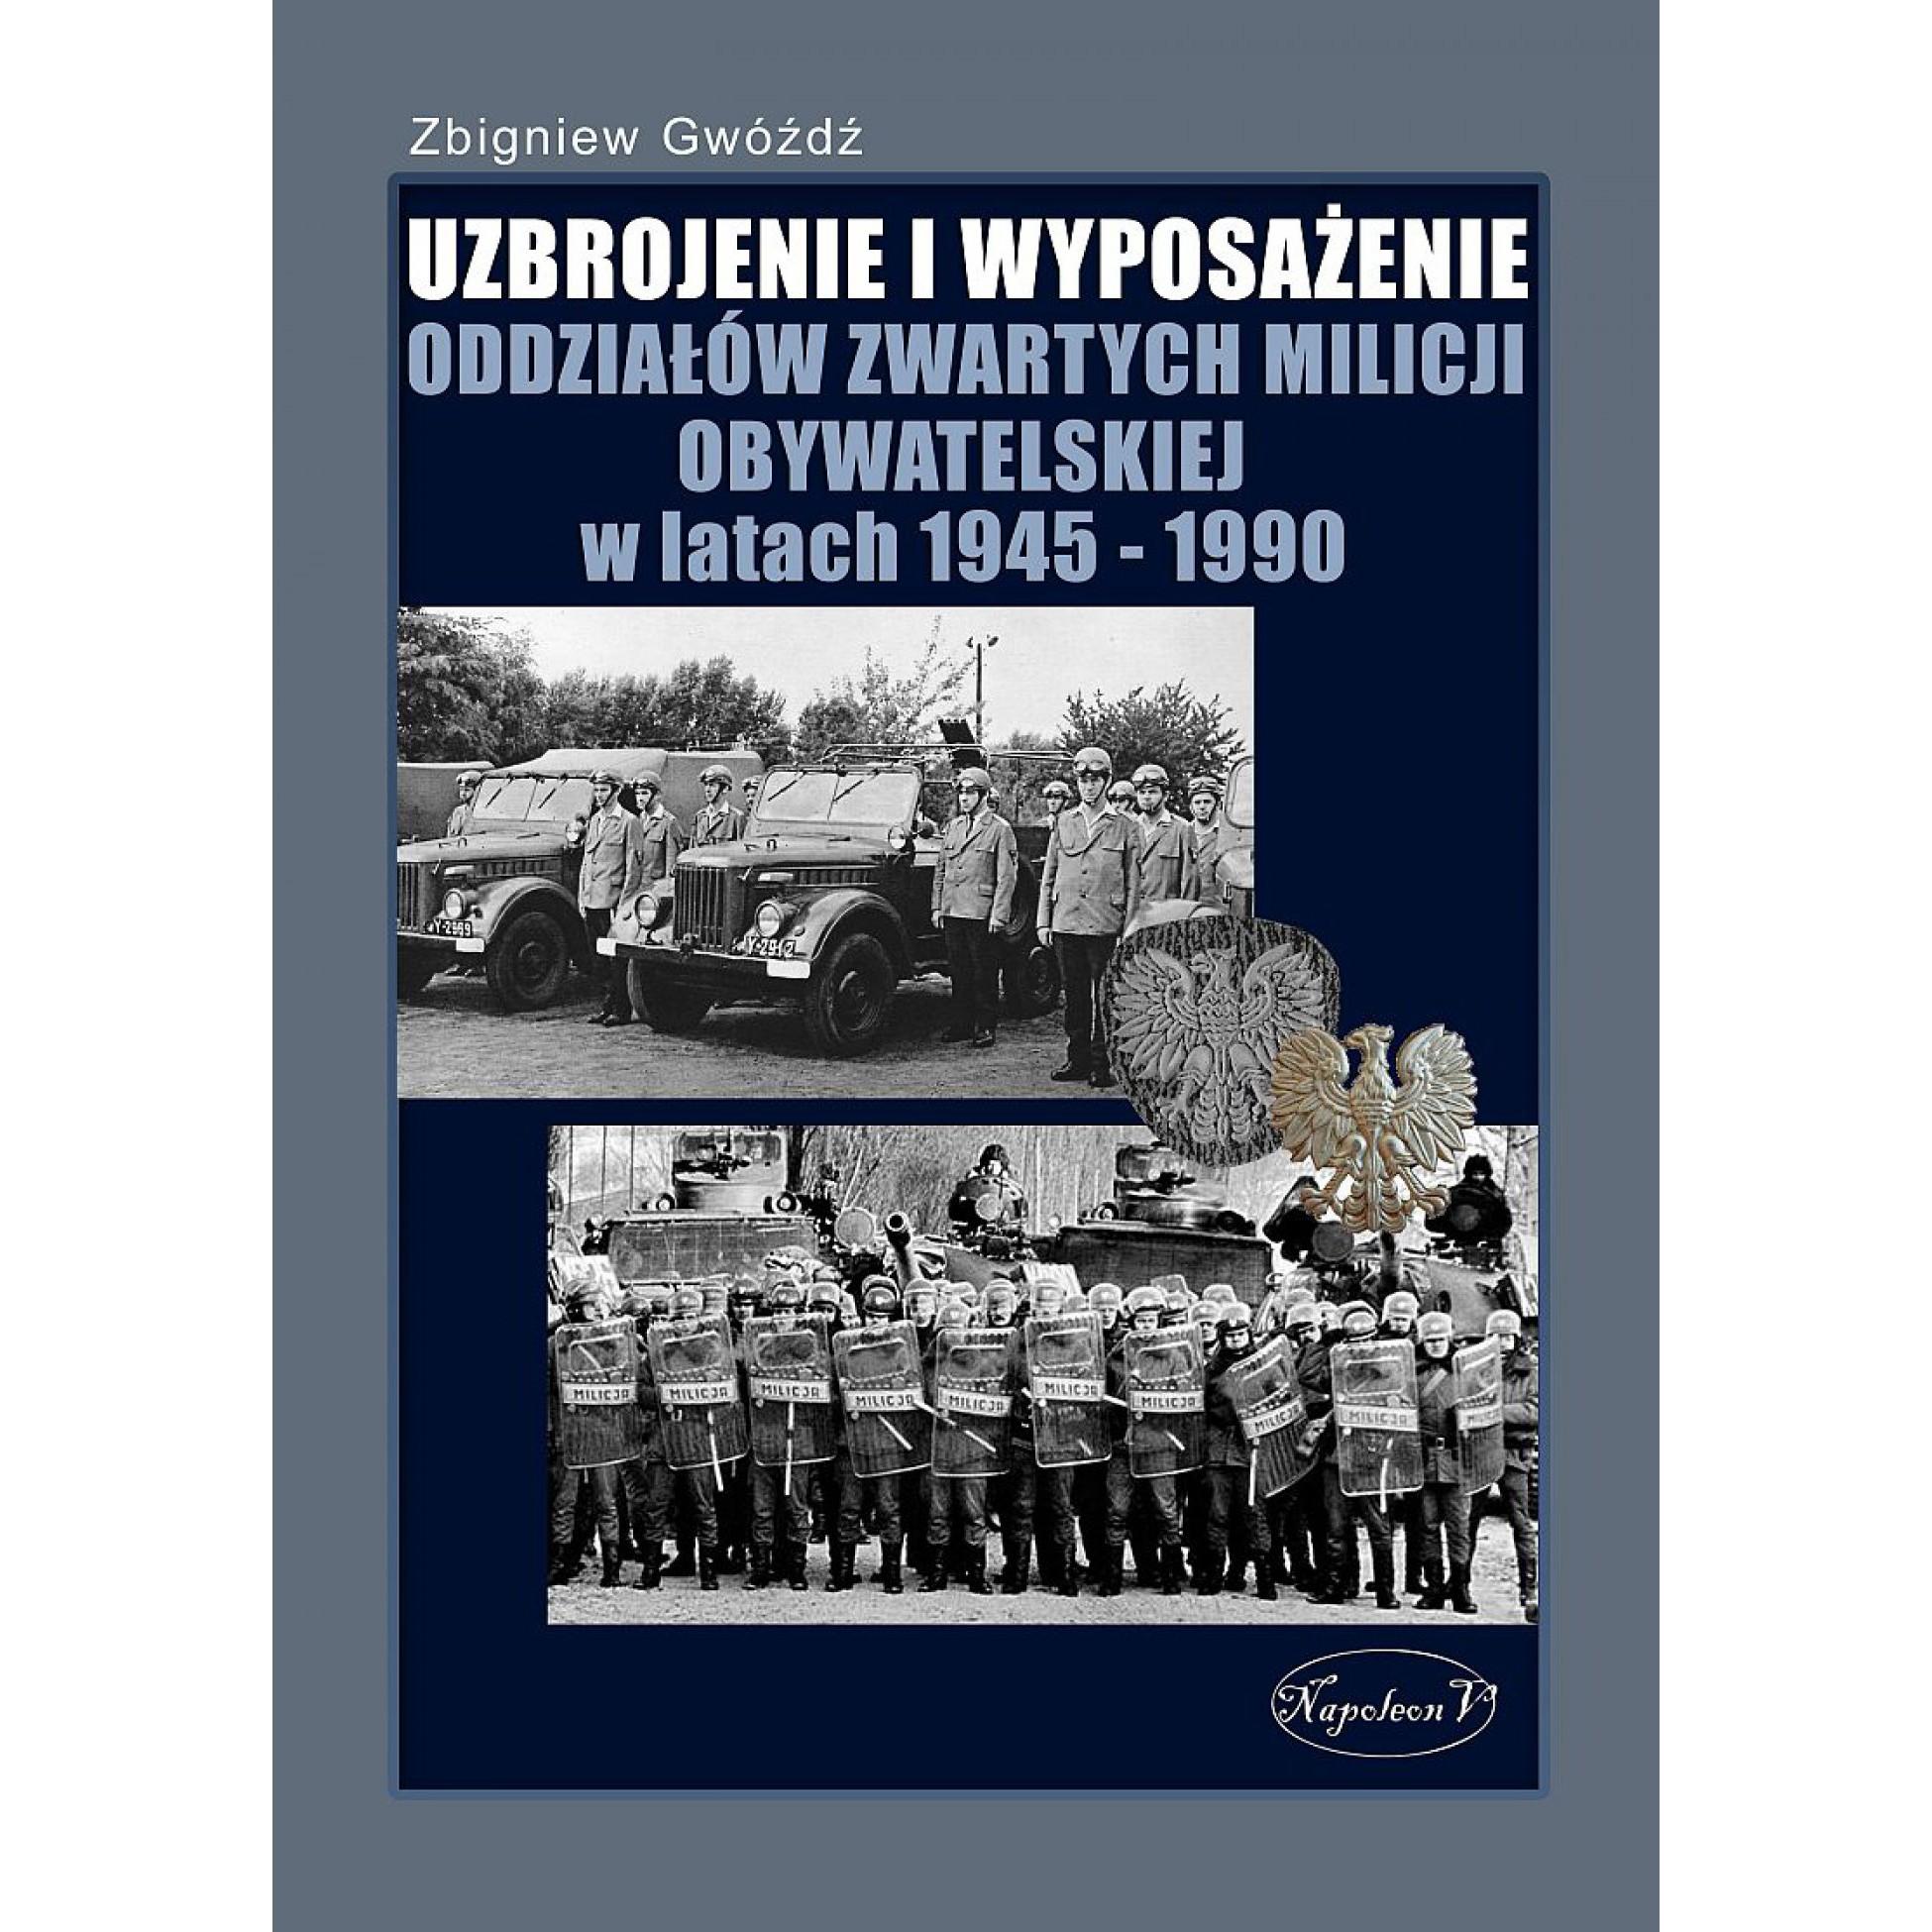 Uzbrojenie i wyposażenie oddziałów zwartych Milicji Obywatelskiej w latach 1945-1990